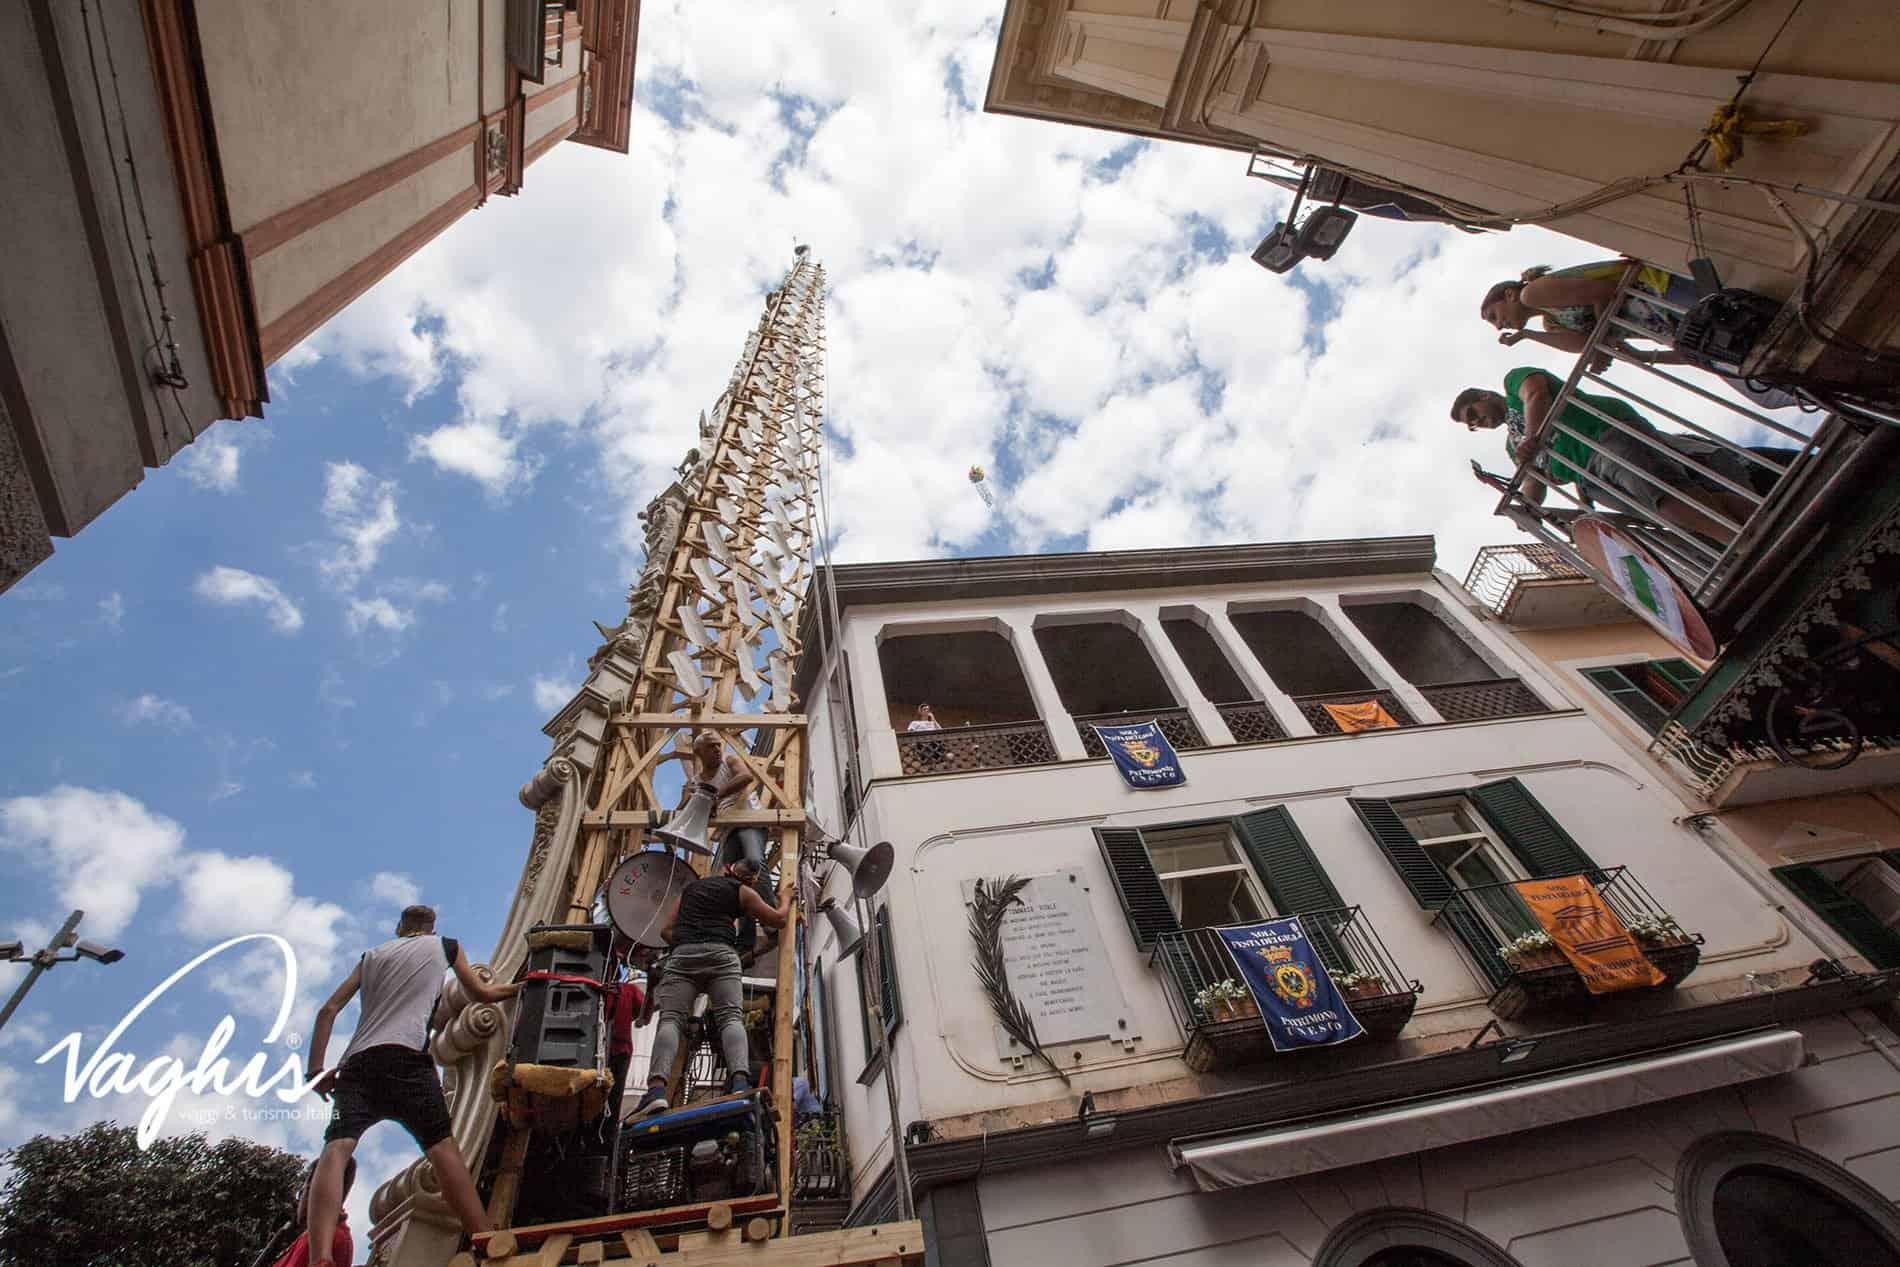 Nola: Festa dei Gigli - © Vaghis - viaggi & turismo Italia Tutti i diritti riservati